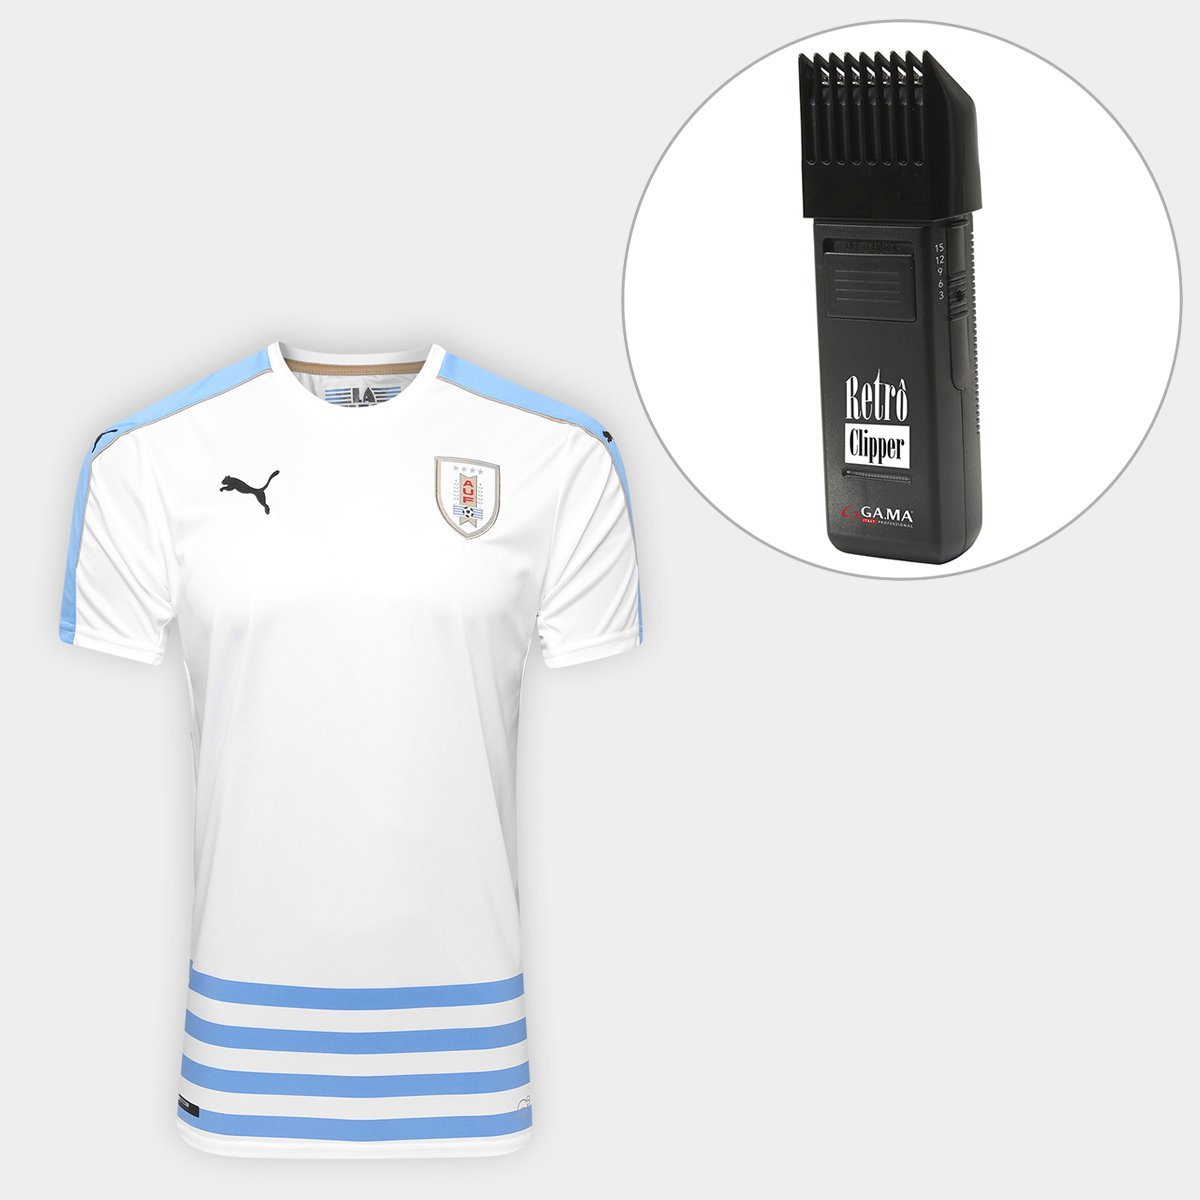 7fcf0ce67e675 Kit Camisa Seleção Uruguai Away 17 18 s nº Torcedor Puma Masculina +  Maquina Retrô Gama Italy Bivolt - Compre Agora